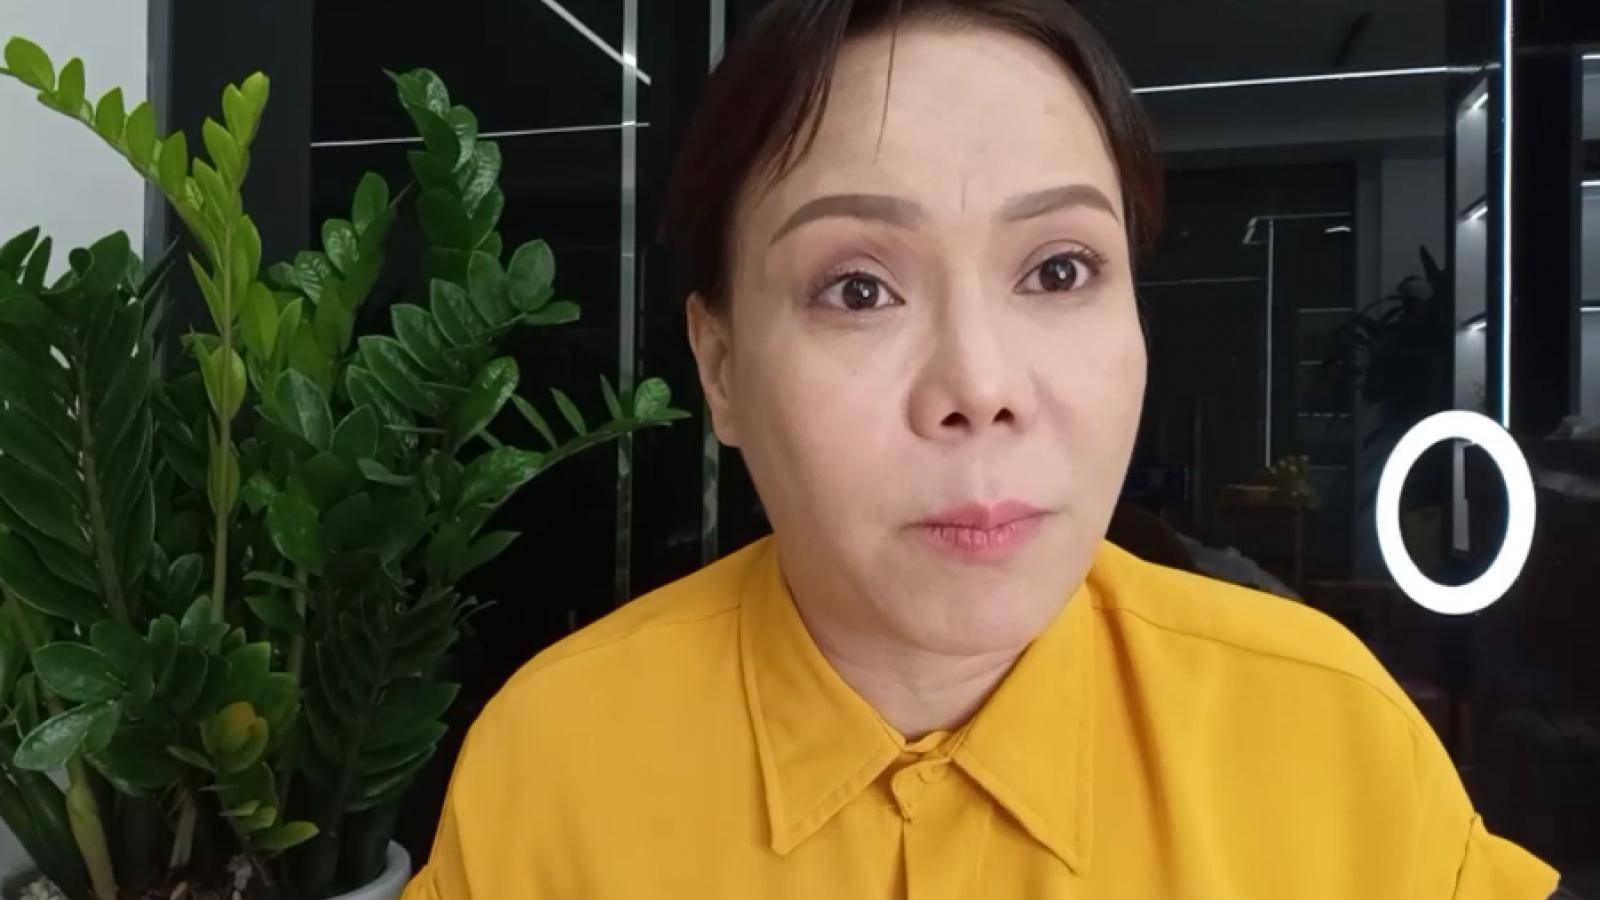 Chuyện showbiz: Việt Hương bức xúc lên tiếng khi bị nói đòi 1,5 triệu mới giao bình oxy